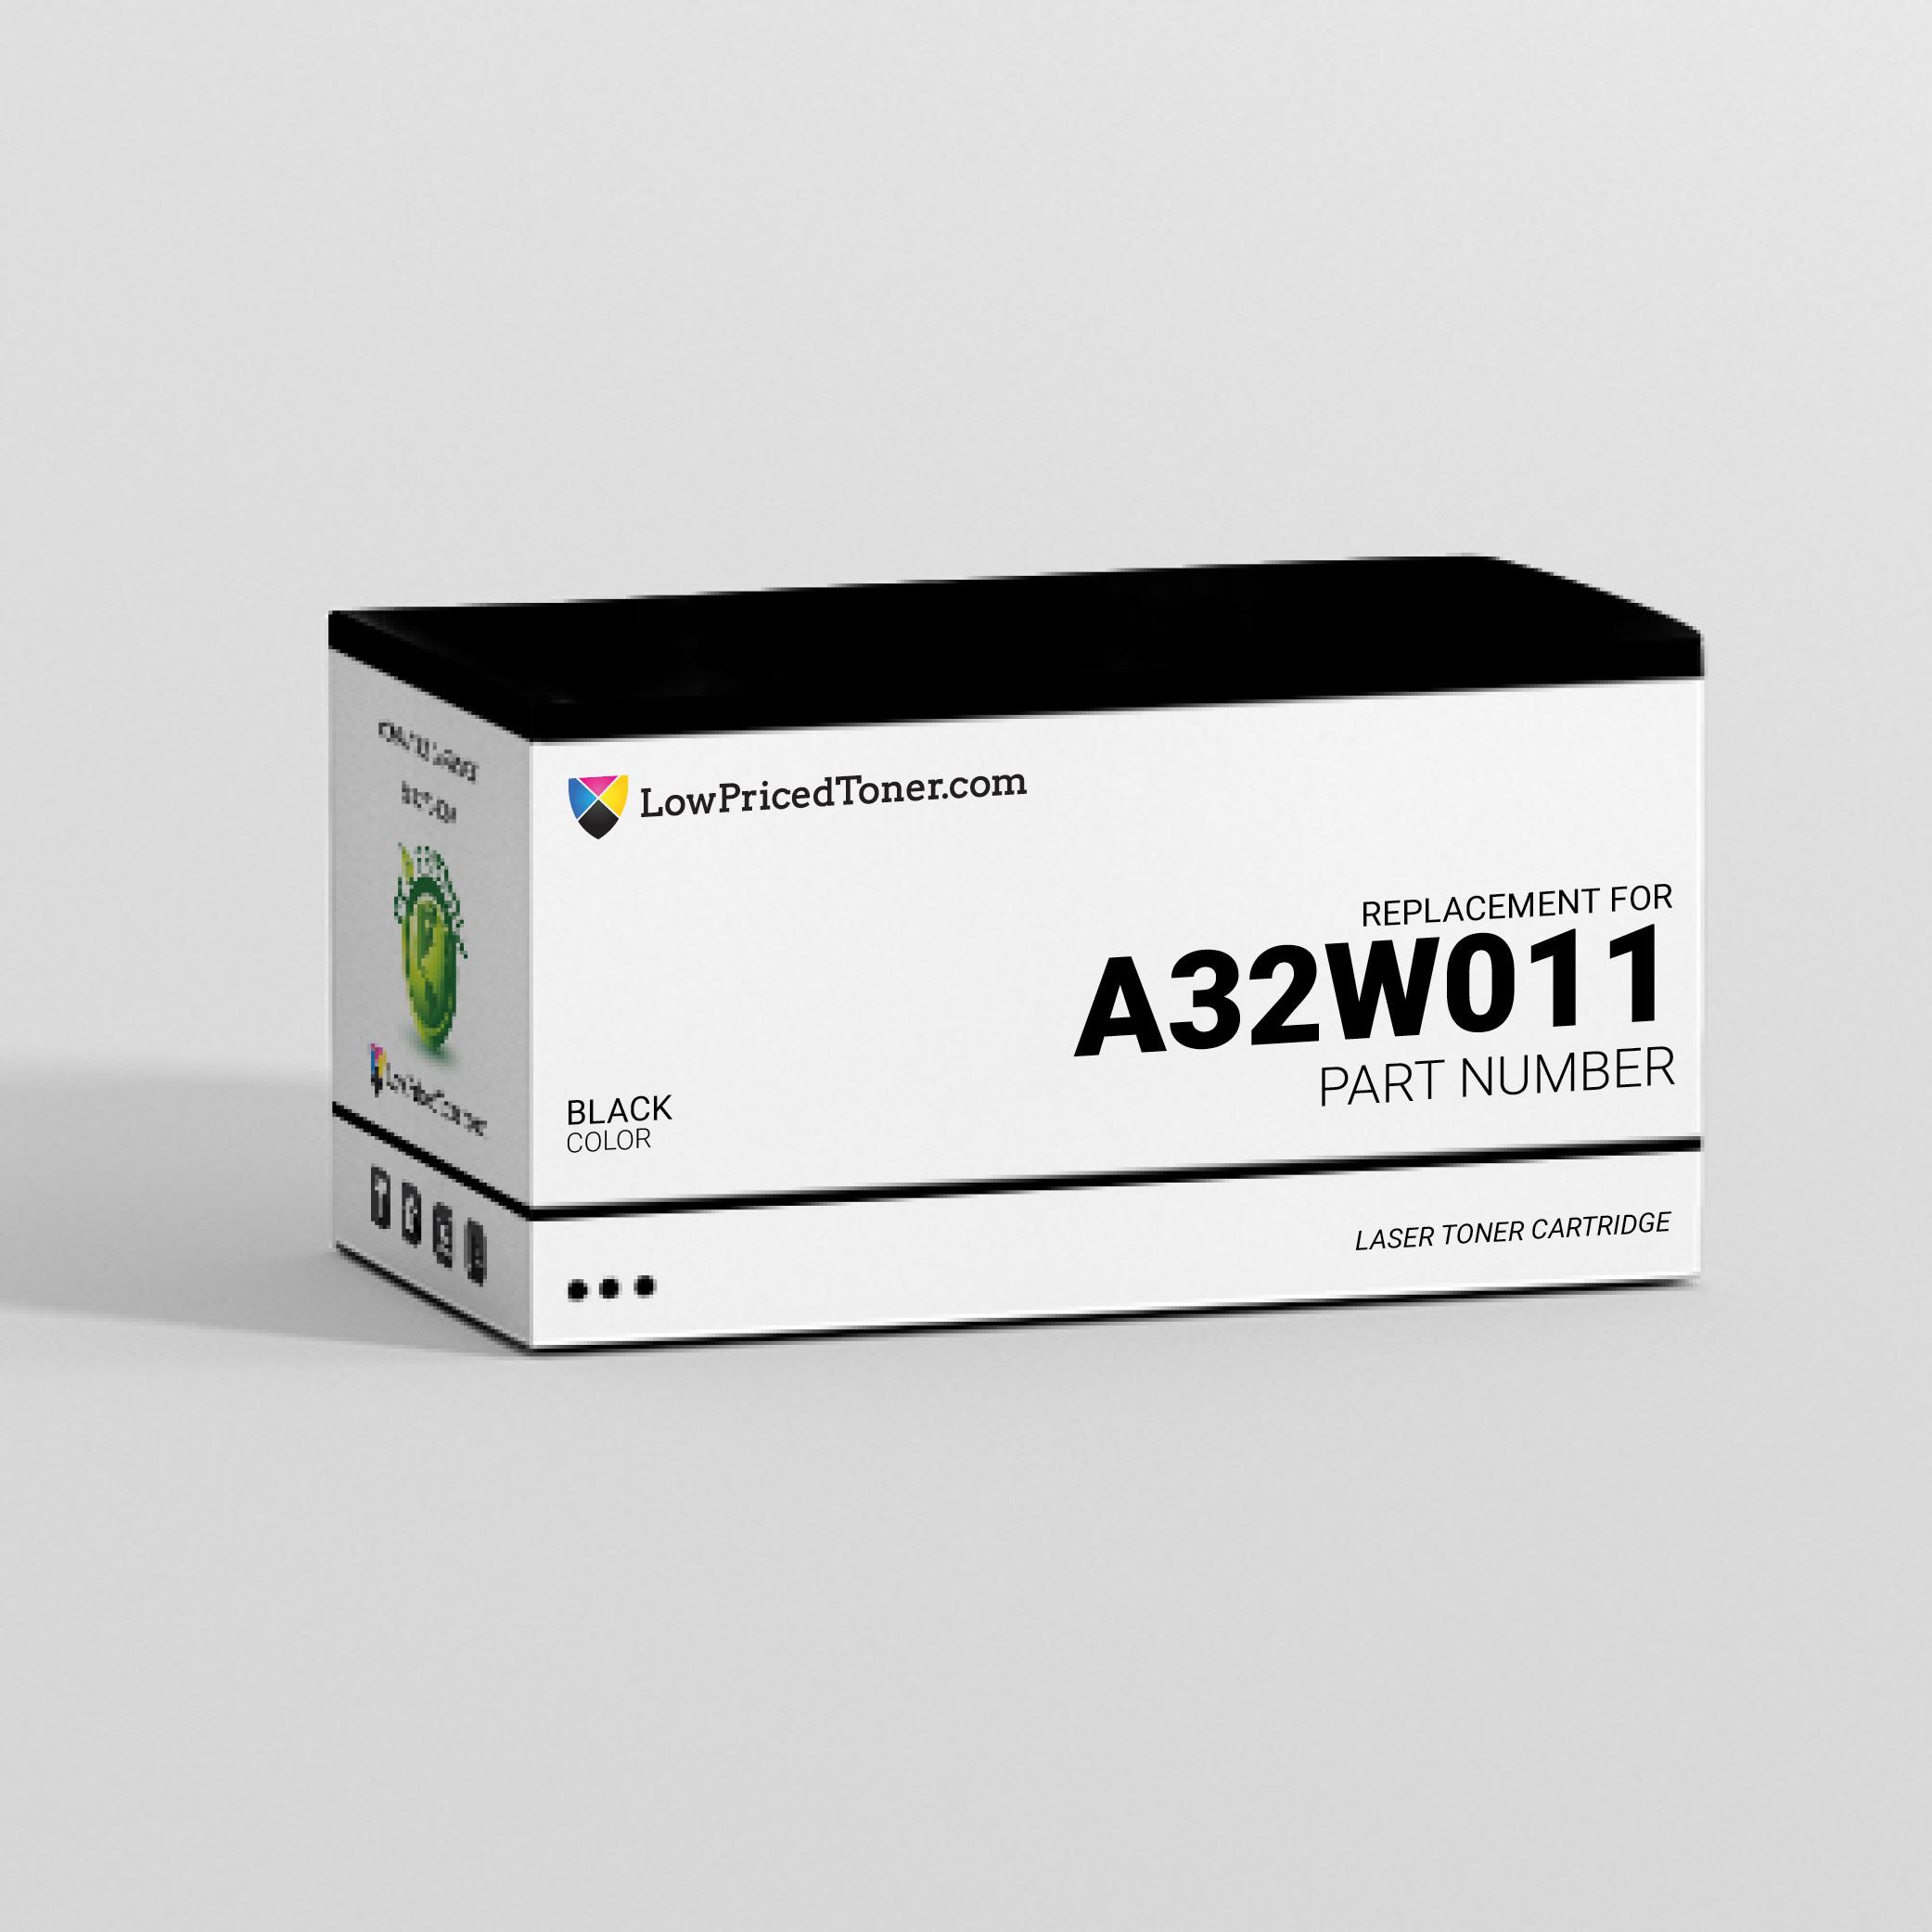 Konica Minolta A32W011 Compatible Black Laser Toner Cartridge